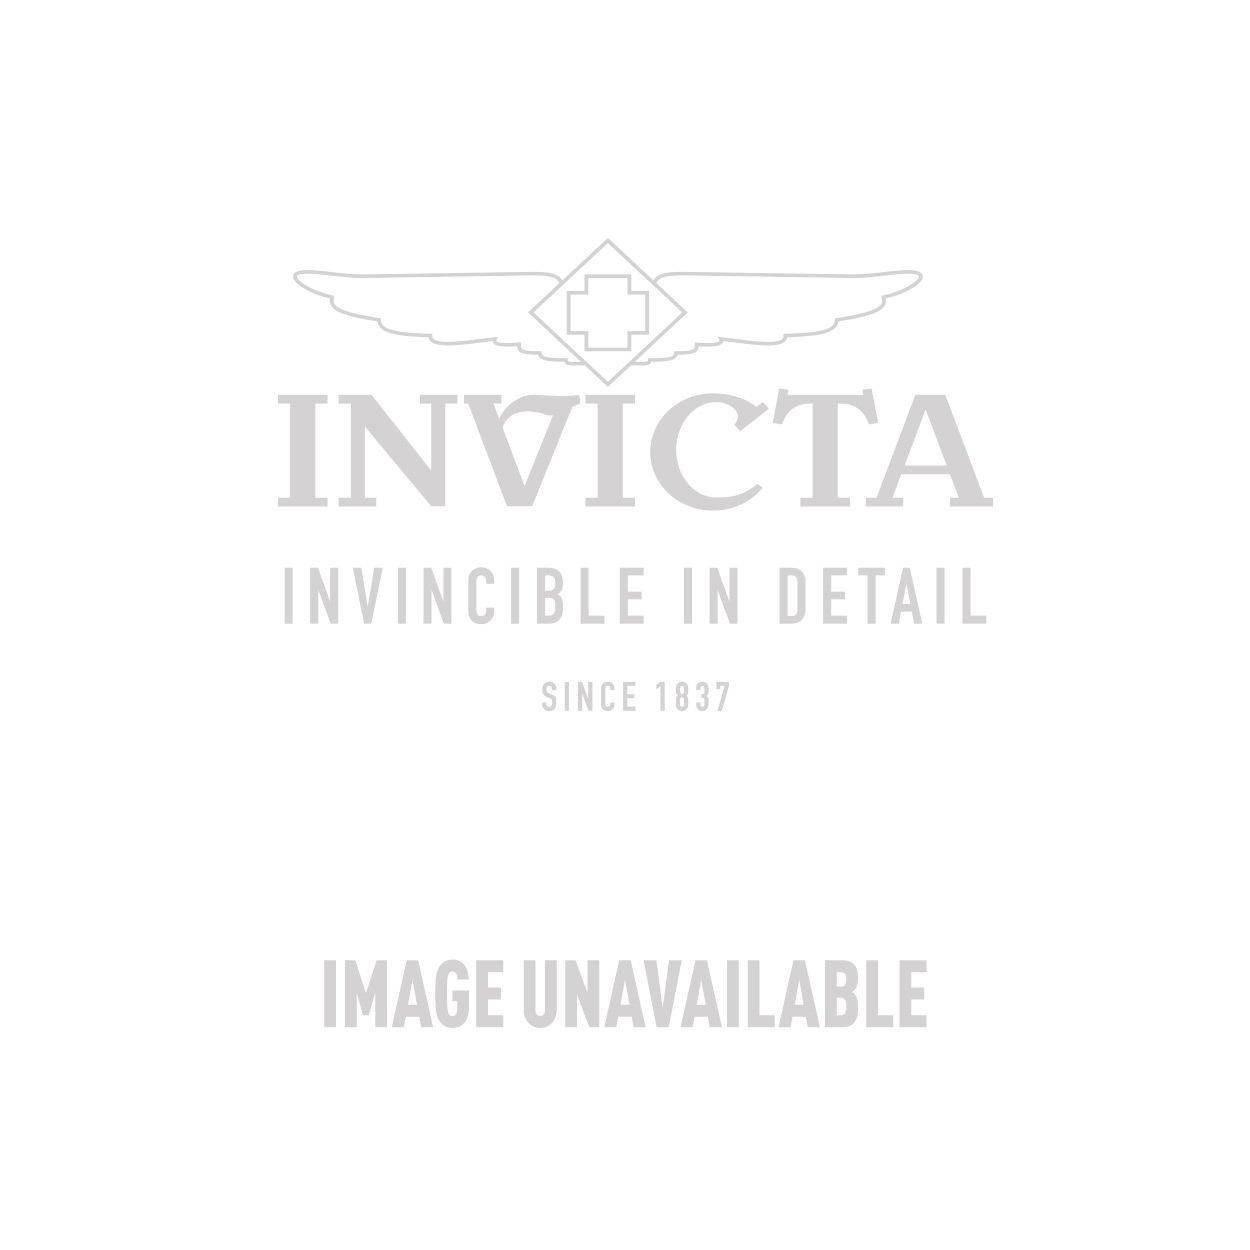 Invicta Model 25147